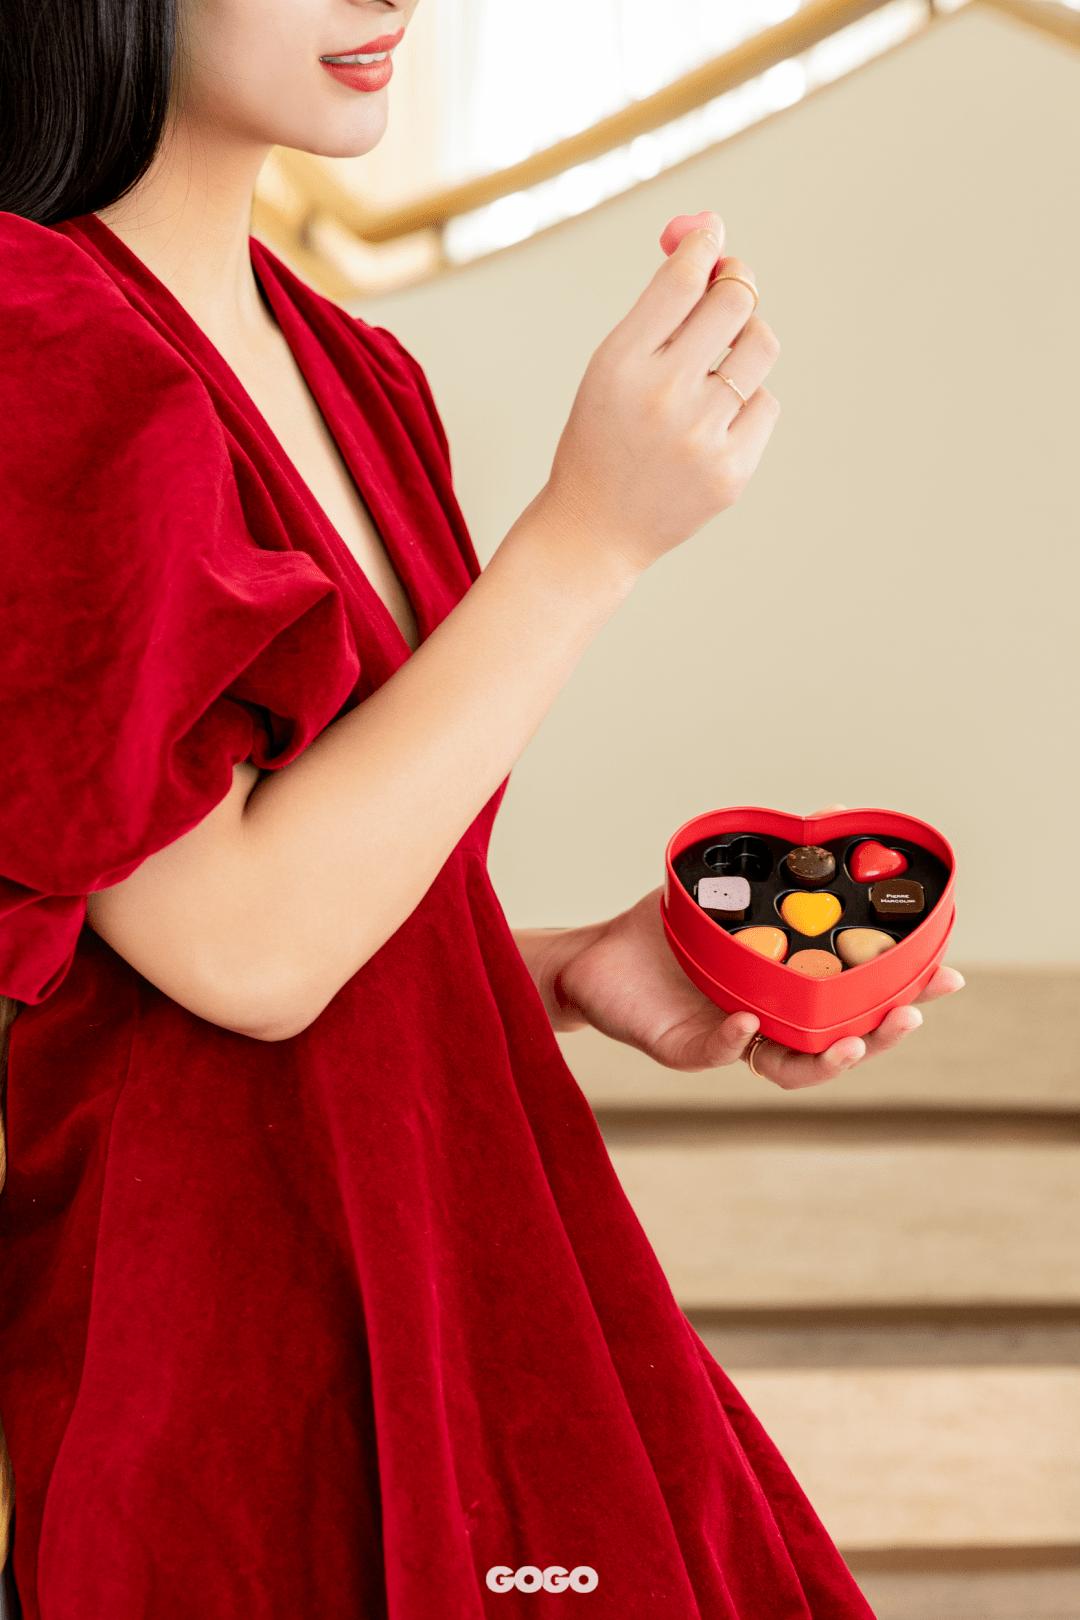 巧克力传奇Pierre Marcolini上线,为你奉上一份甜蜜助攻!